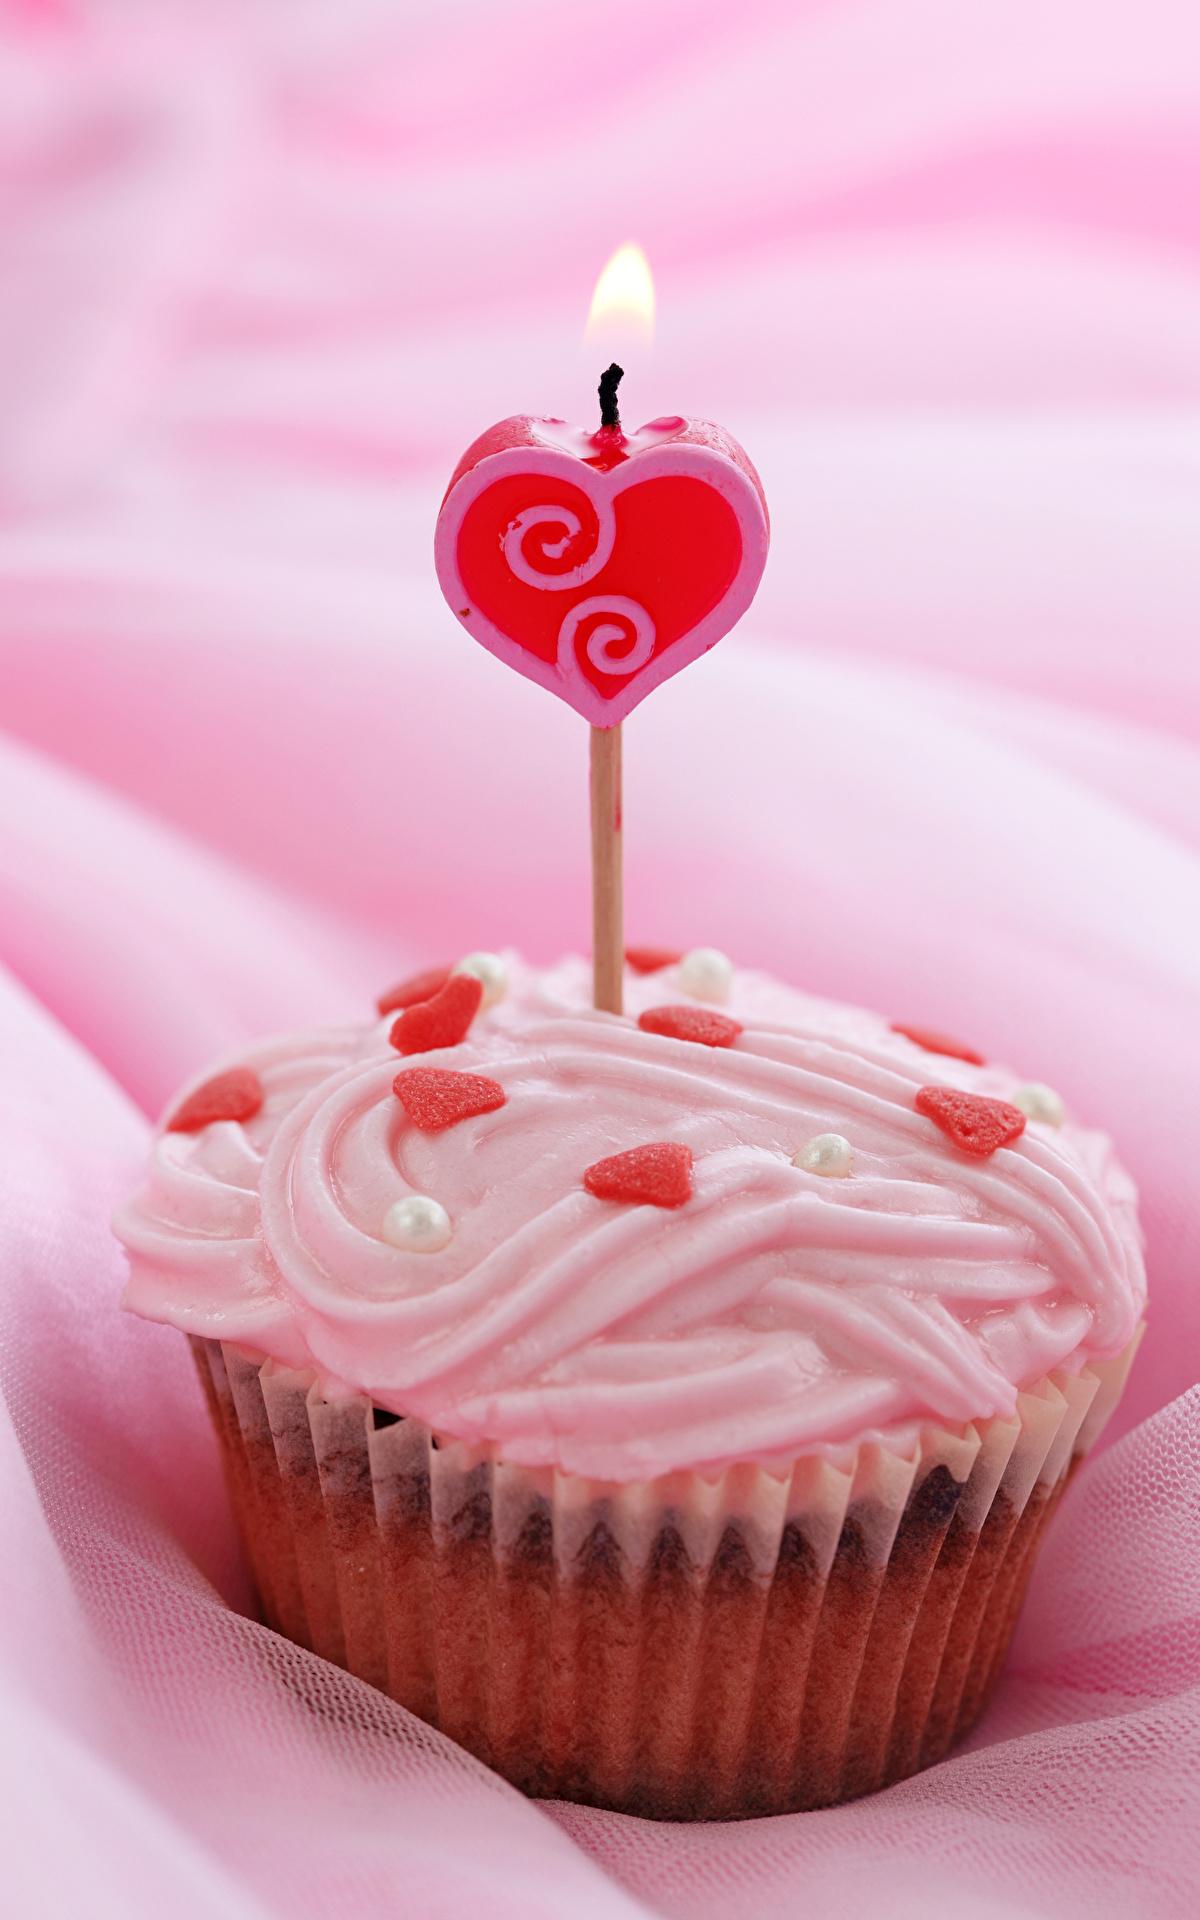 Фотографии День святого Валентина Сердце Капкейк кекс Еда Свечи Сладости 1200x1920 День всех влюблённых сердечко Пища Продукты питания